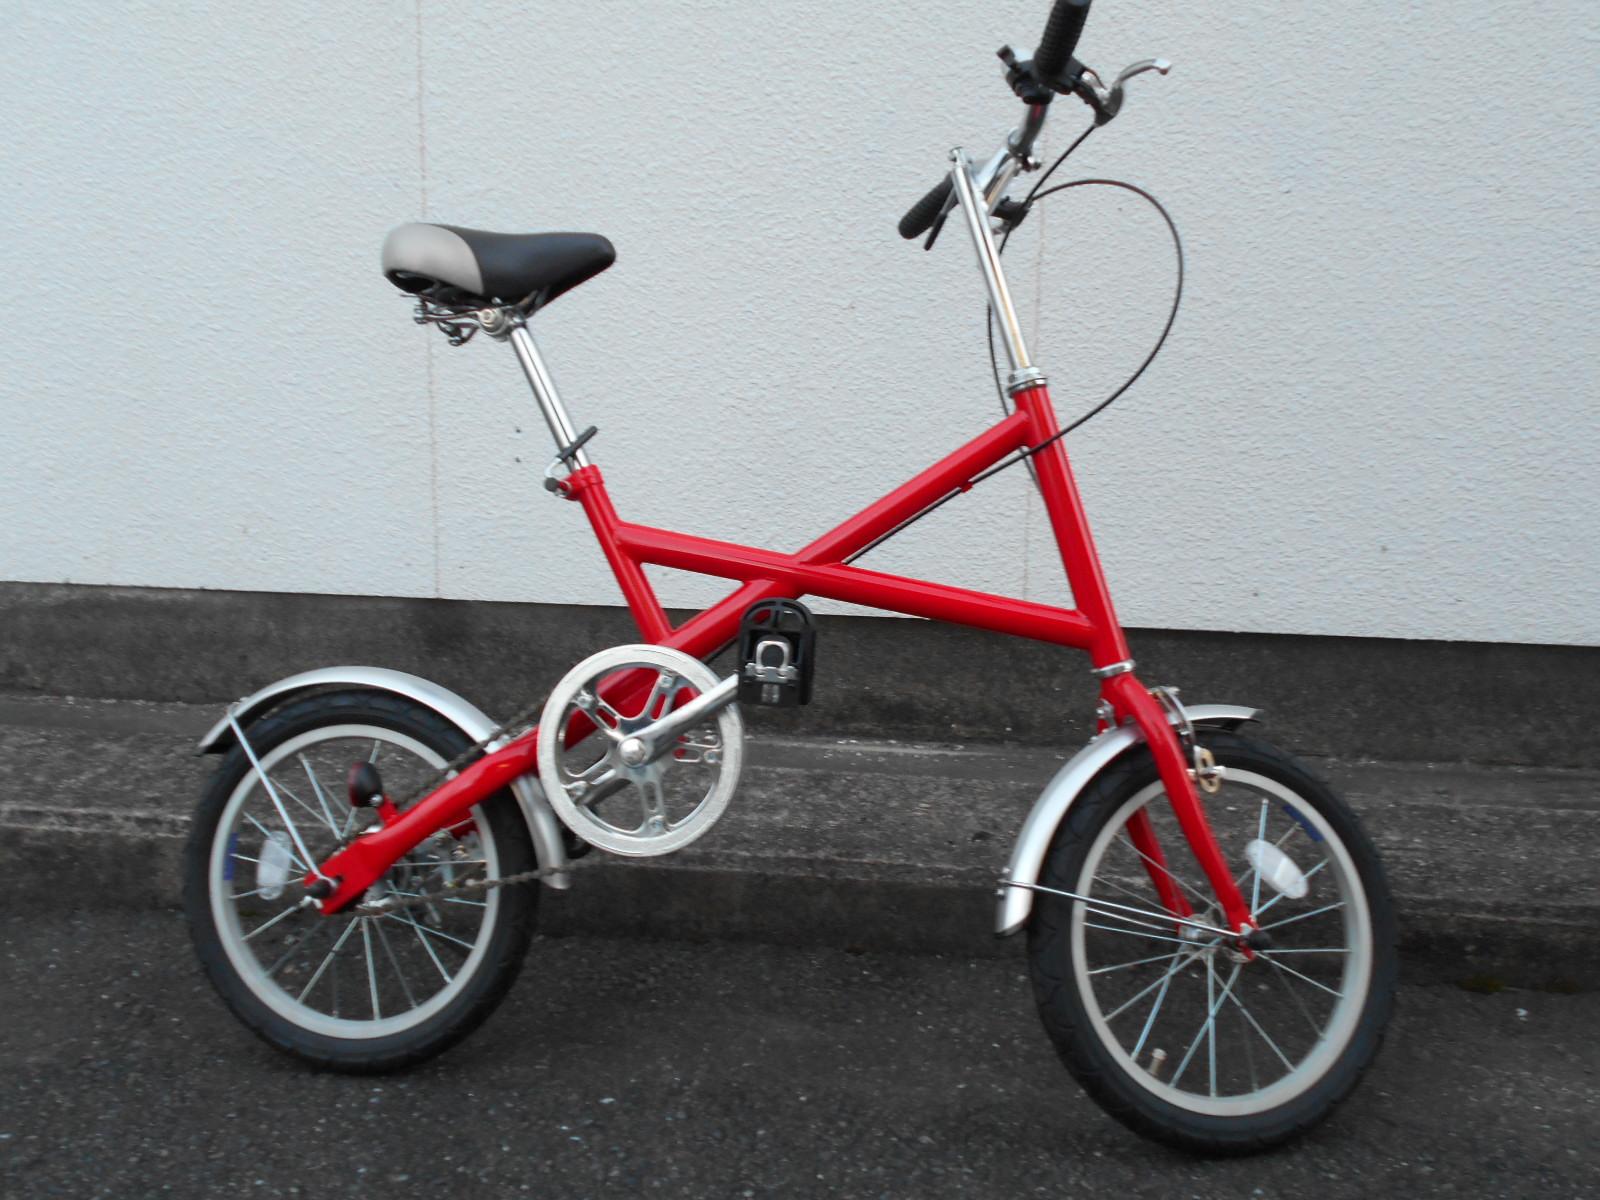 キズあり特価の折り畳み自転車あります_b0189682_946577.jpg